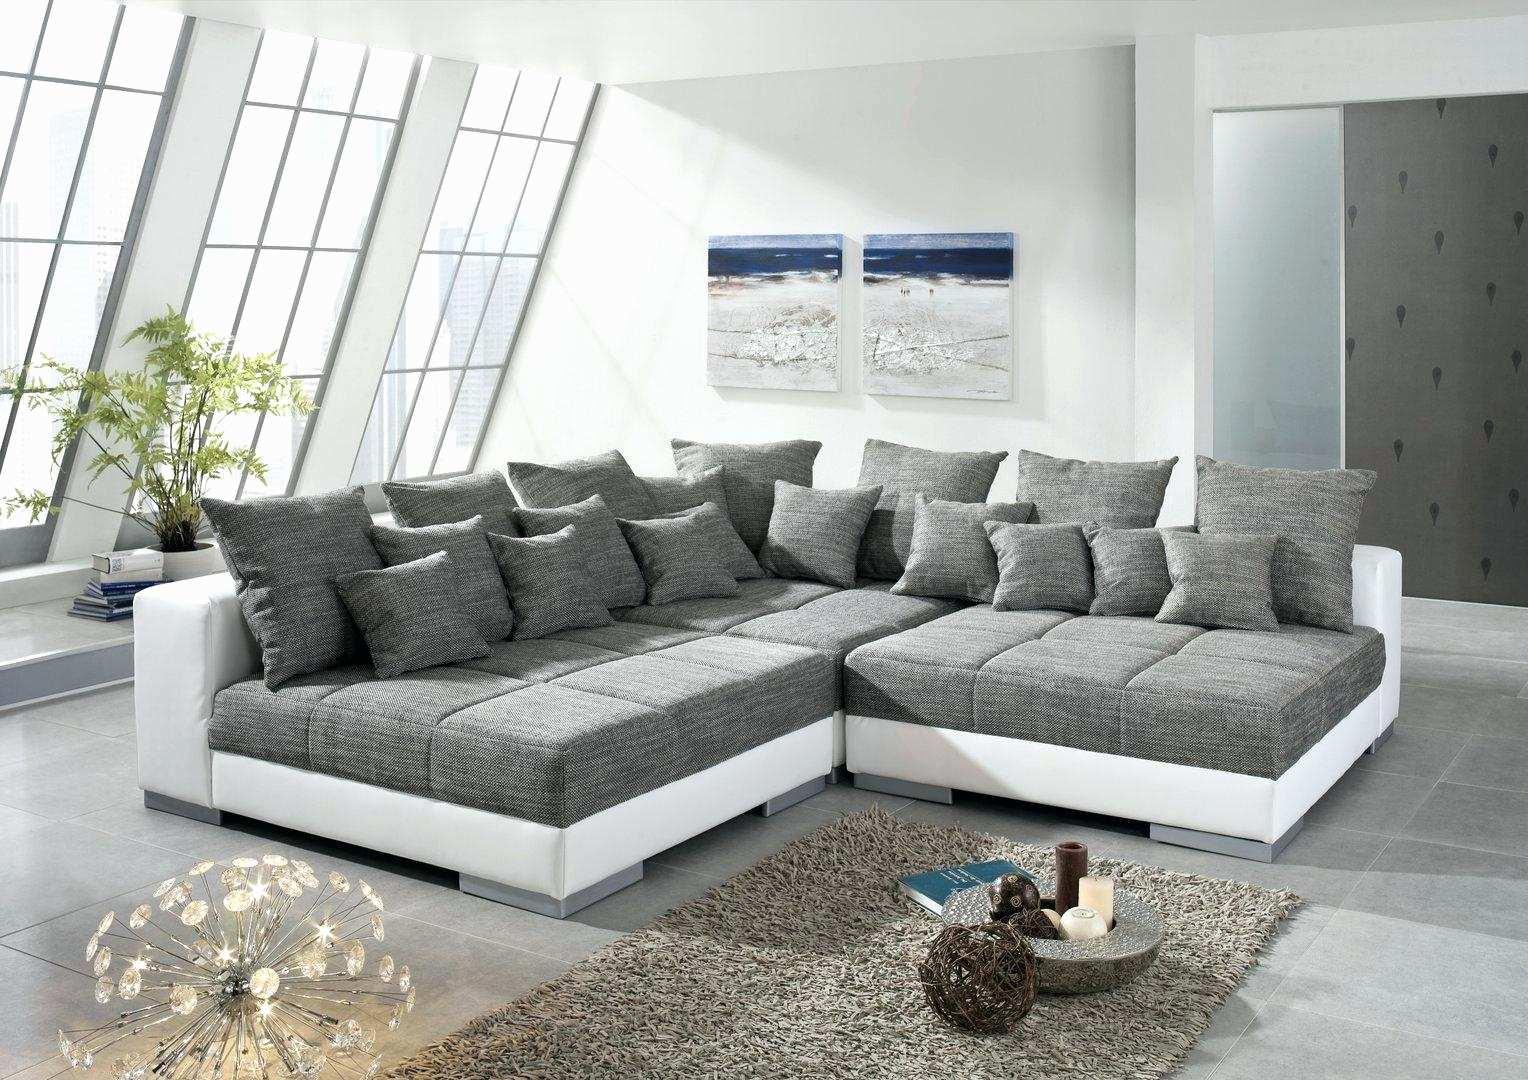 Full Size of Sofa In Grau Inspirierend Couch L Form Xxl Wohndesign Ideen Regal Weiß Holz Hotels Bad Salzuflen Küche Planen Stehlampe Schlafzimmer Hersteller Kernbuche Sofa Sofa L Form